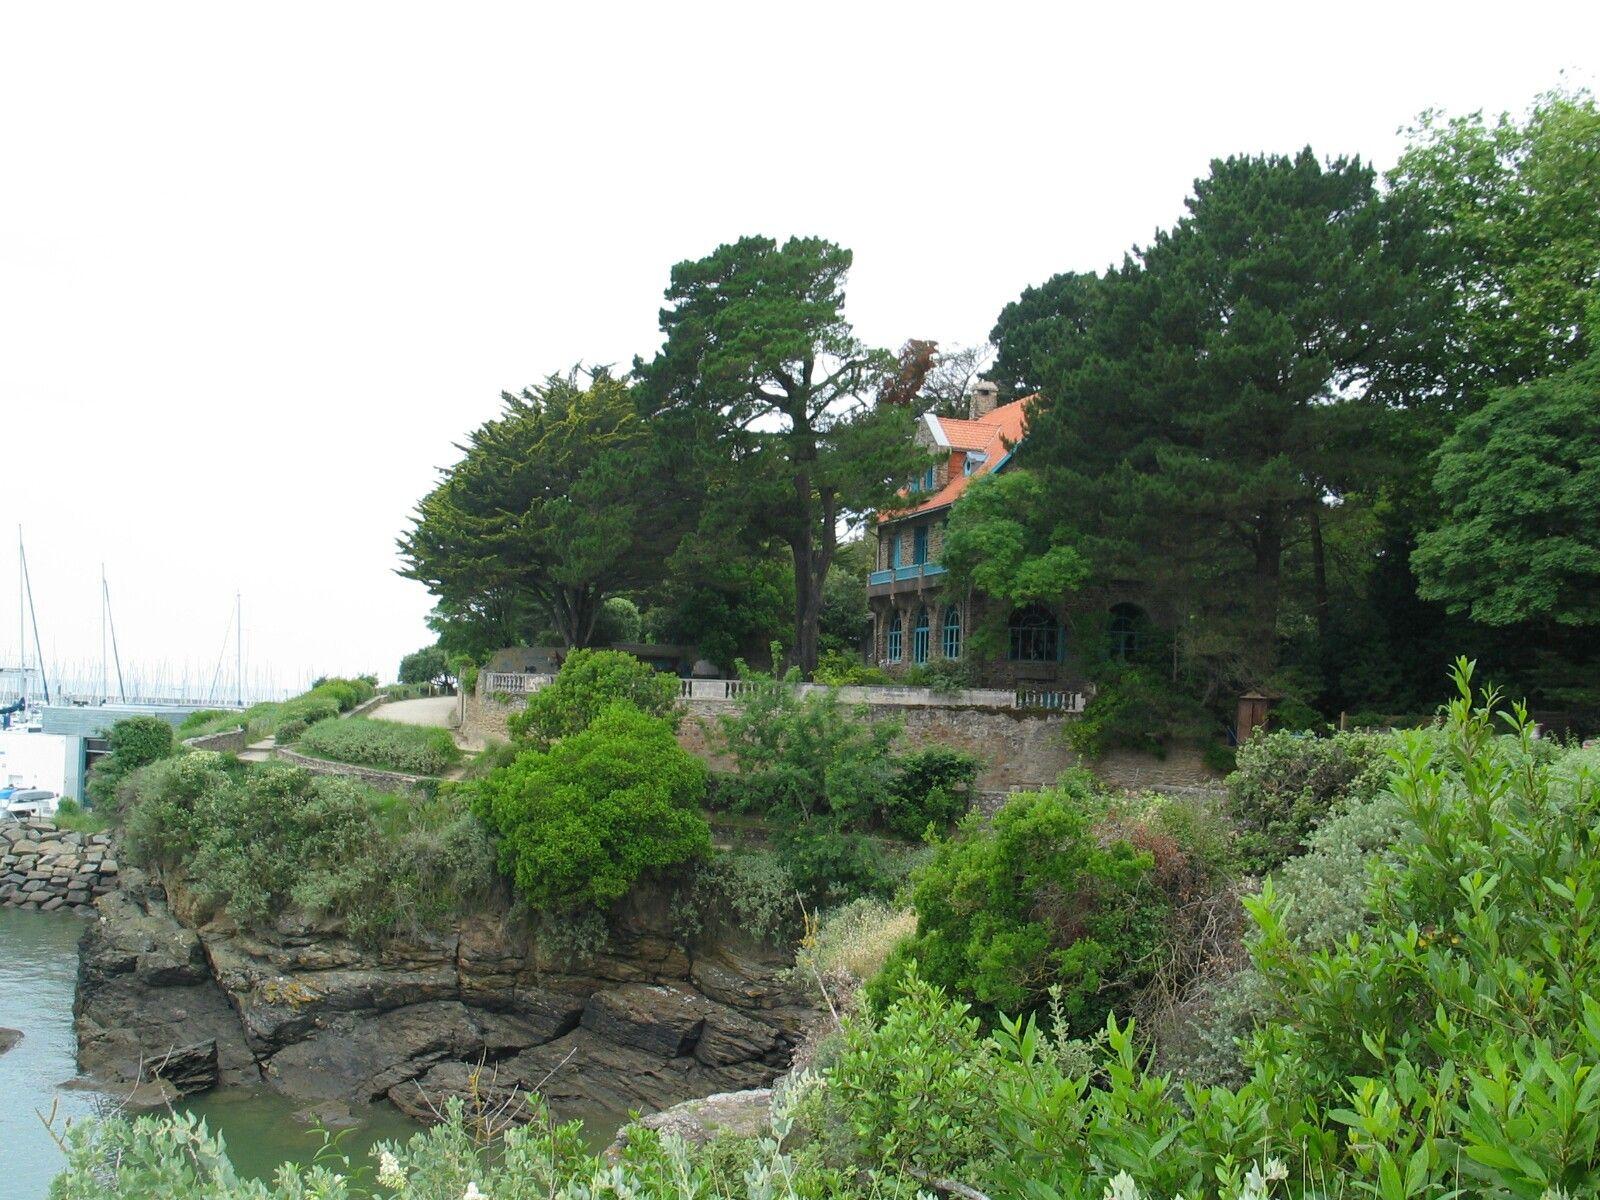 Wij wandelen verder langs de villa's aan de kust.